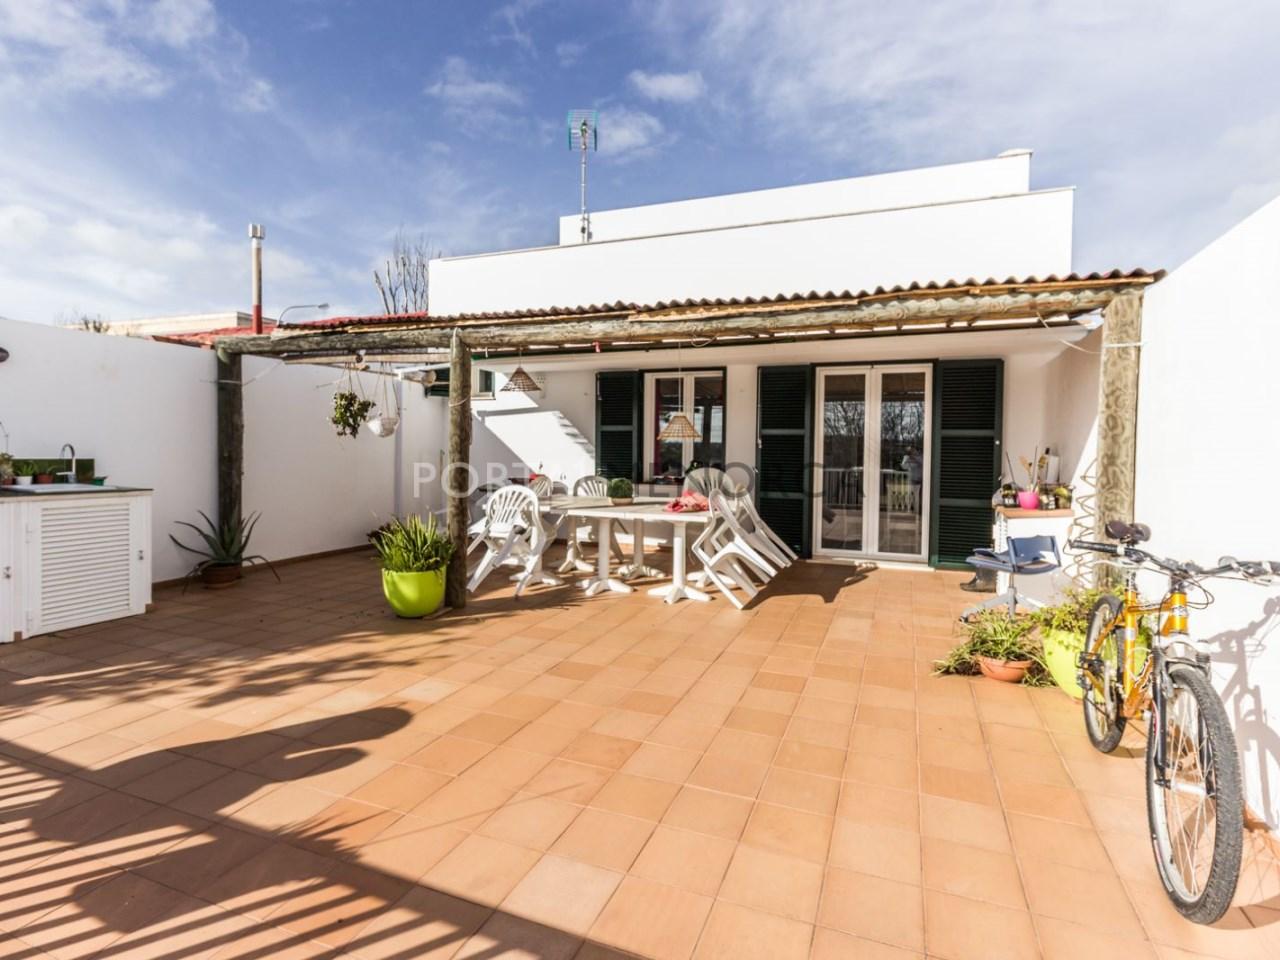 casa con patio para vender en Mahon (16 de 17)